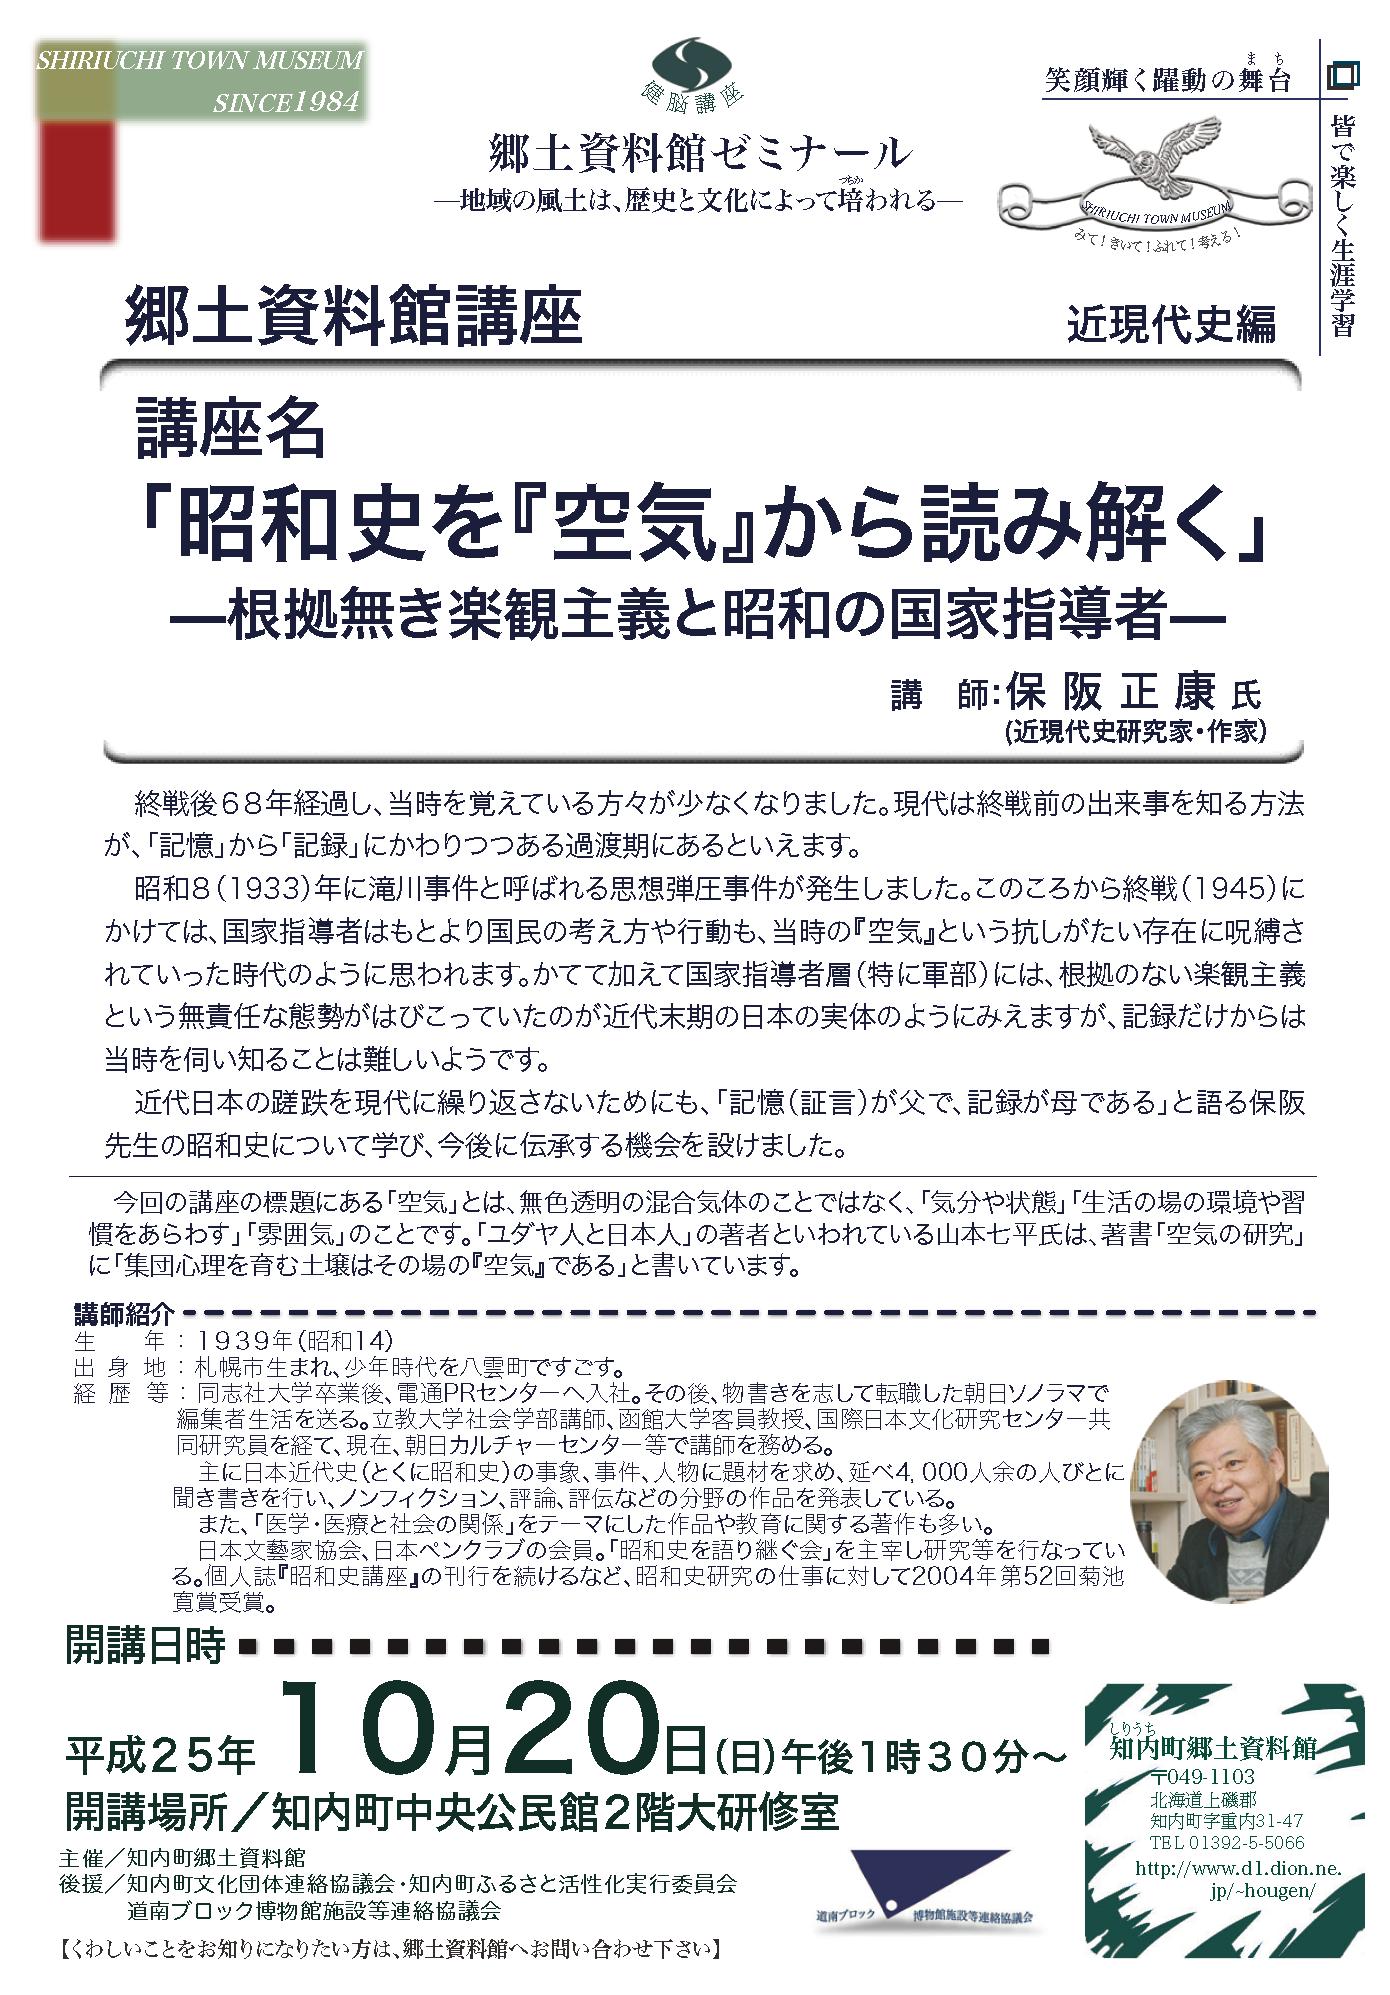 [知内町]郷土資料館講座「昭和史を『空気』から読み解く」_f0228071_2004487.png